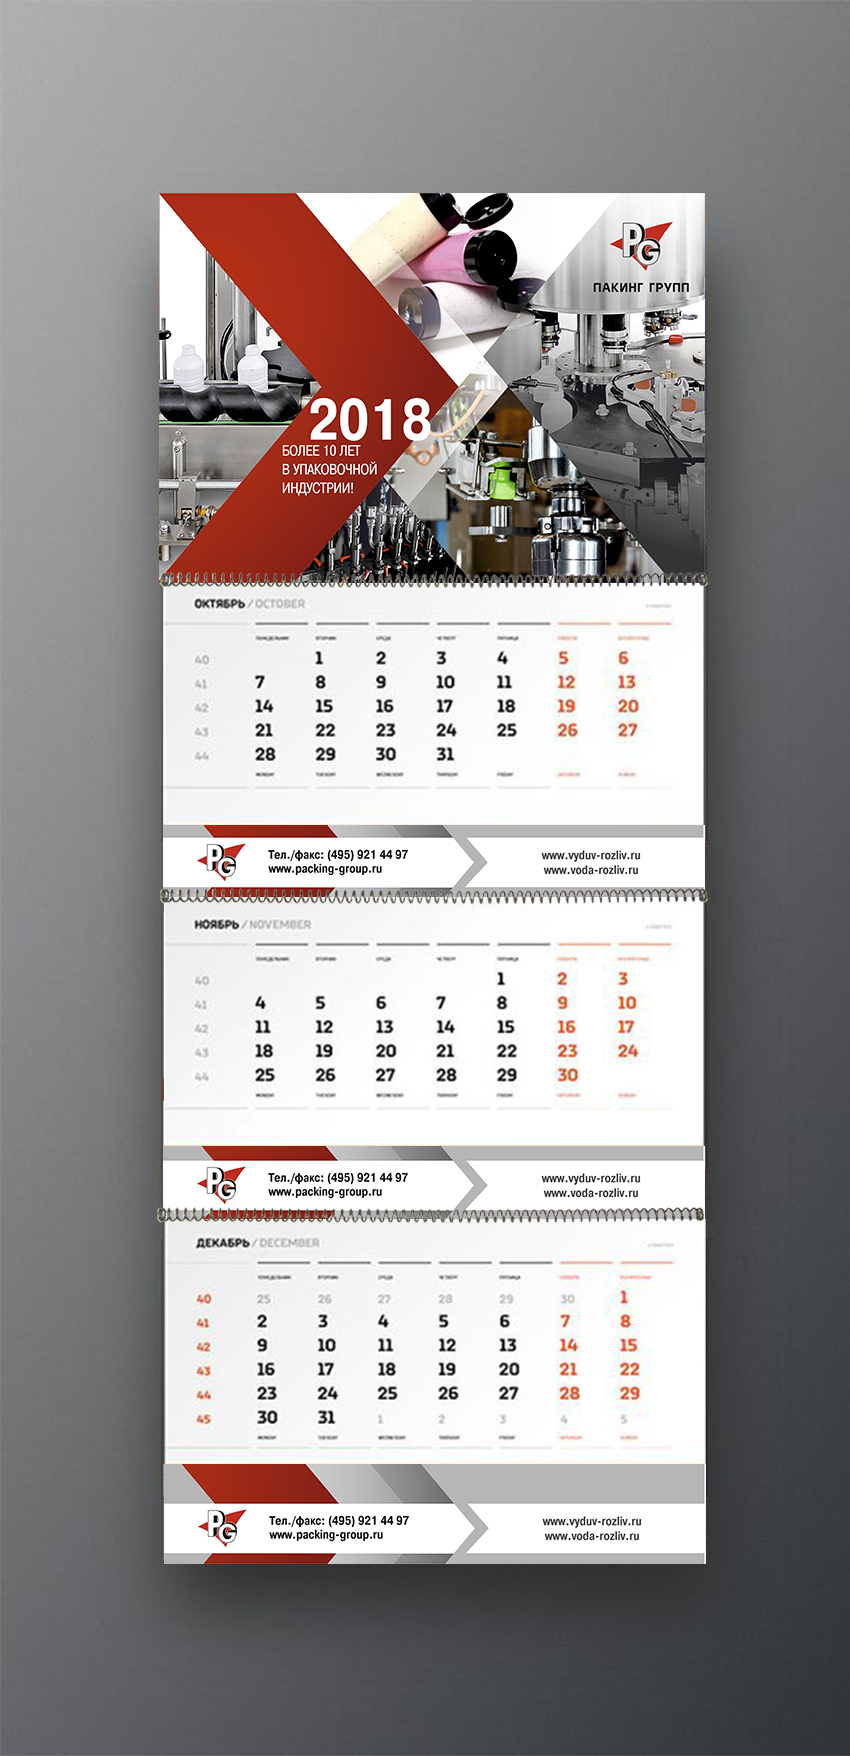 """Календарь  Трио. Квартальный календарь. Разработка дизайна КАЛЕНДАРЯ """"Пакинг групп"""", """"Цвет"""""""